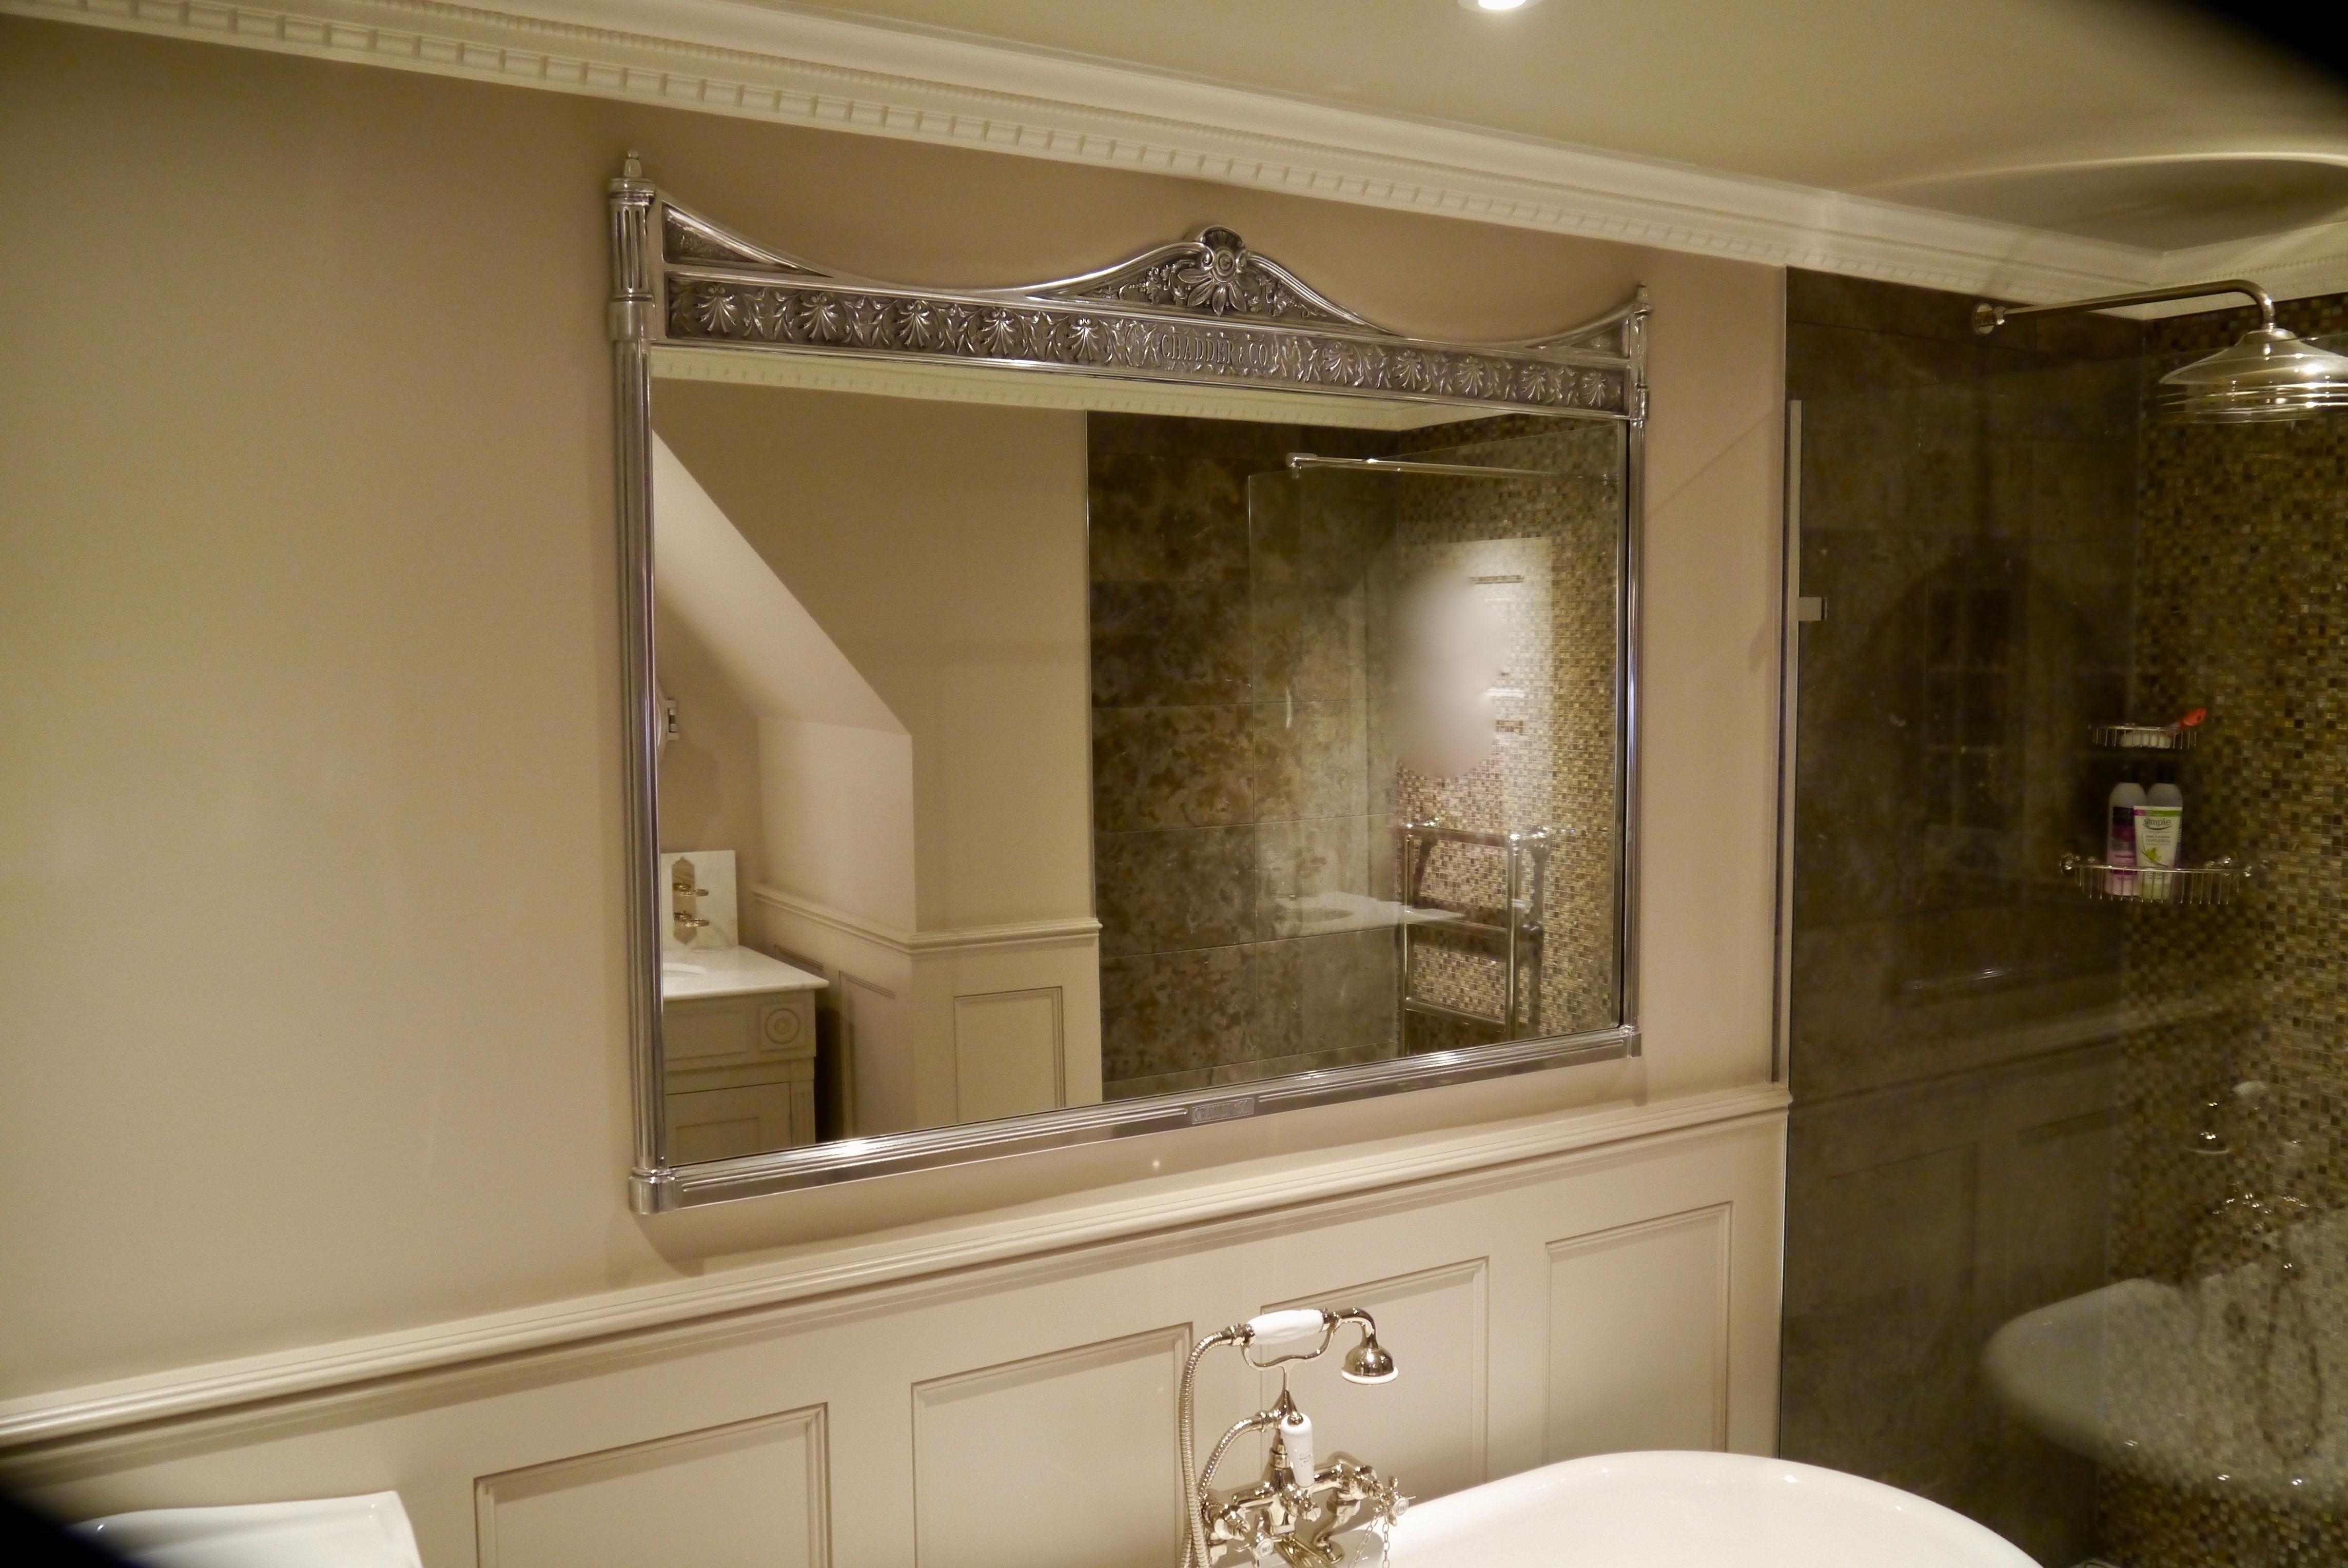 bathroom mirror traditional mirror design